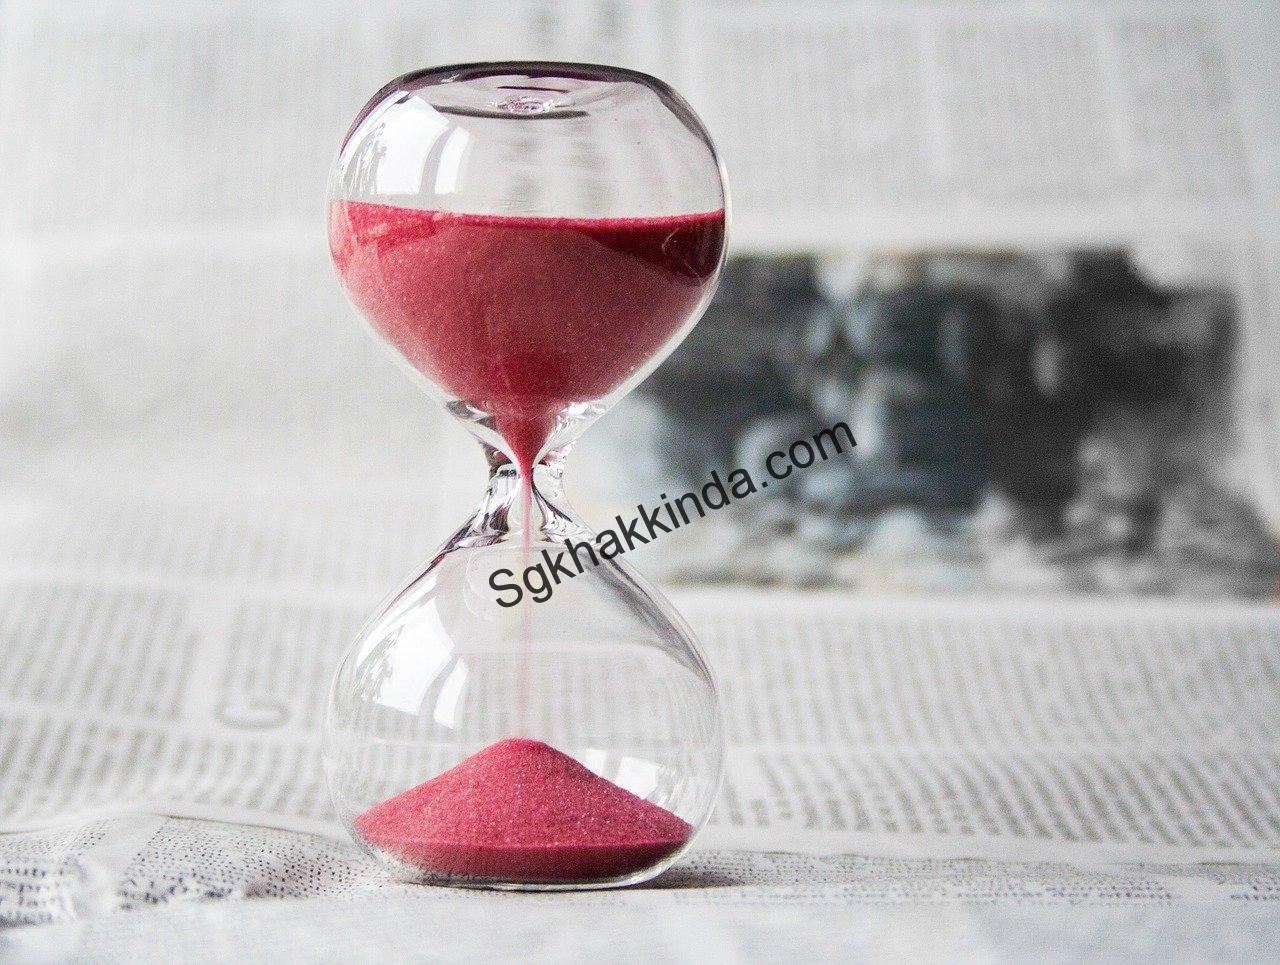 saat 1599650433 - Öğle arası çalışma süresinden sayılır mı?